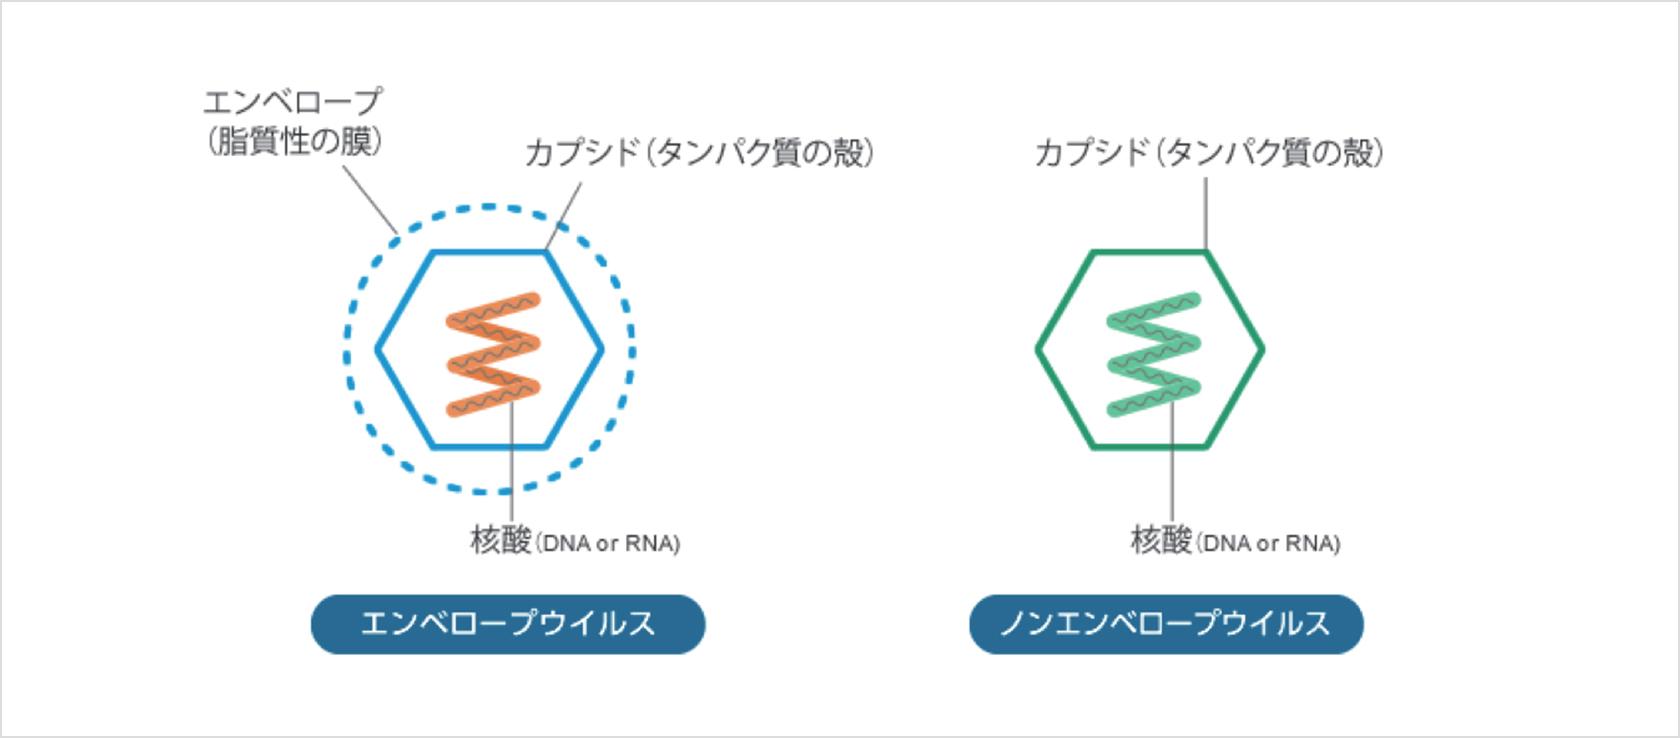 光触媒による抗ウイルスメカニズムの特徴